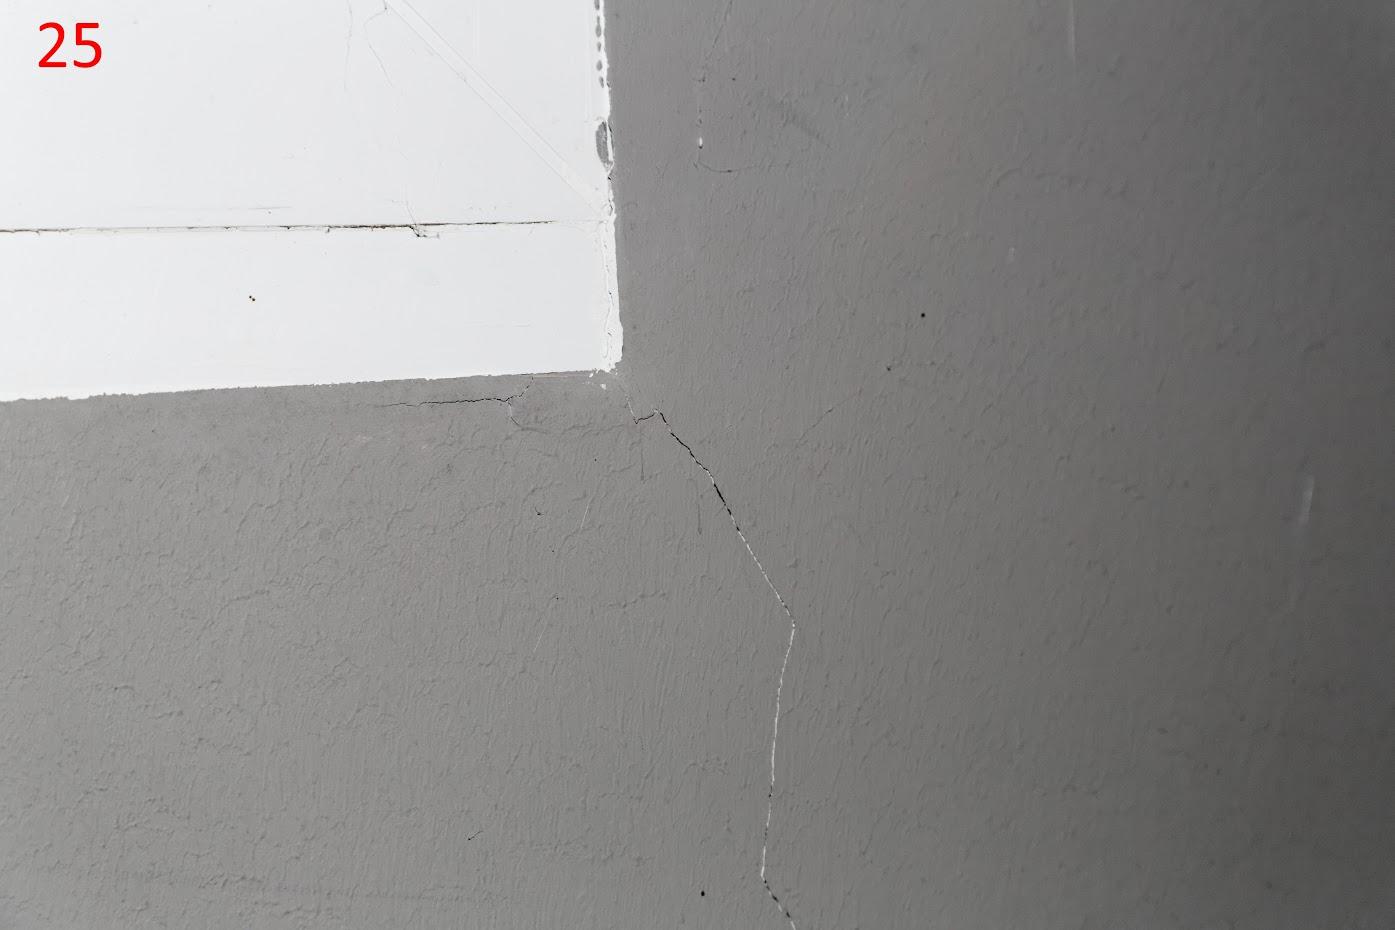 acheter une maison qui s affaisse ventana blog. Black Bedroom Furniture Sets. Home Design Ideas